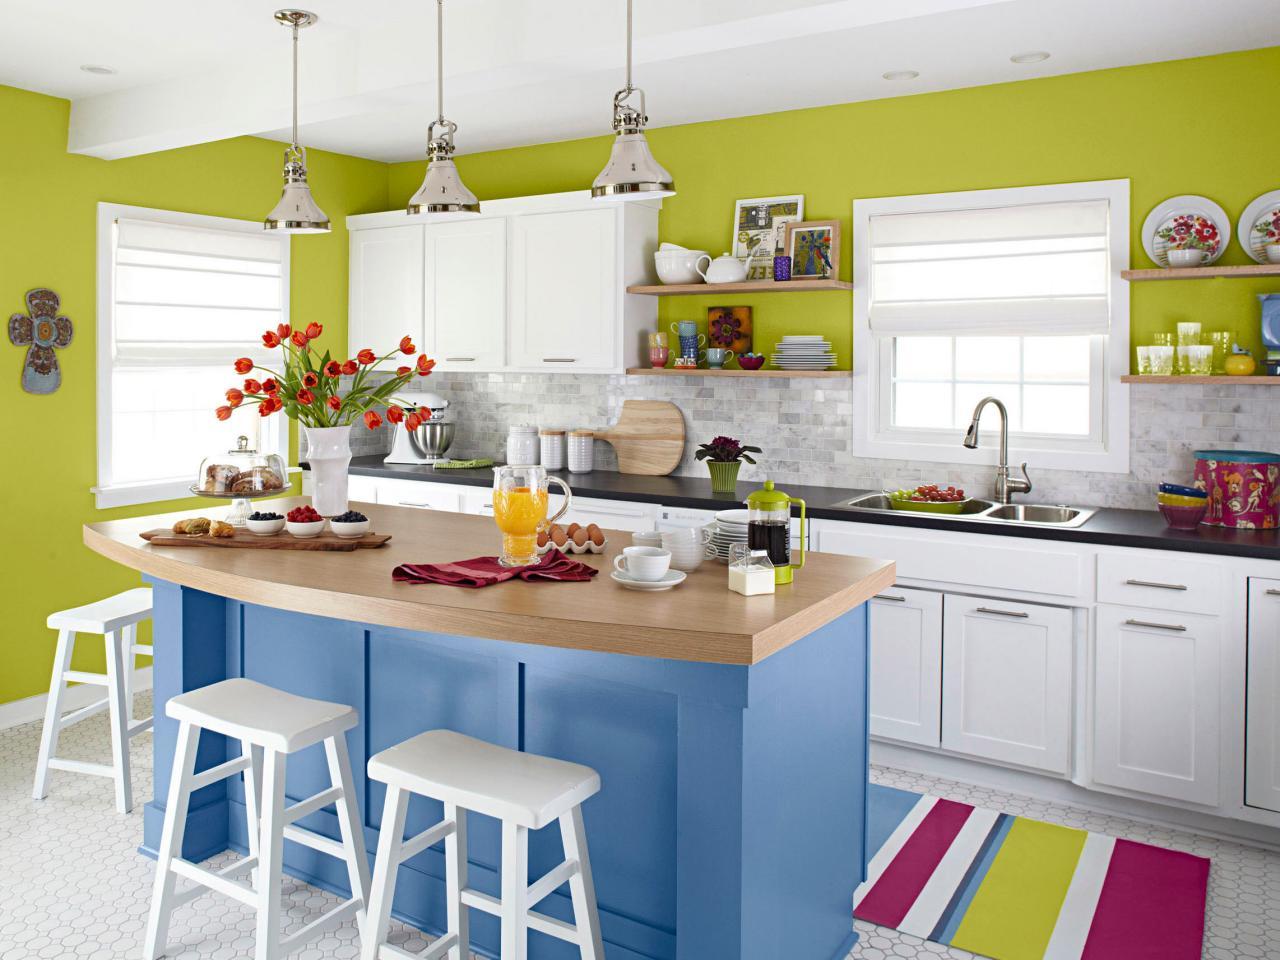 2020 Mutfak Modelleri ile Mutfak Dekorasyonu Nasıl Yapılır?